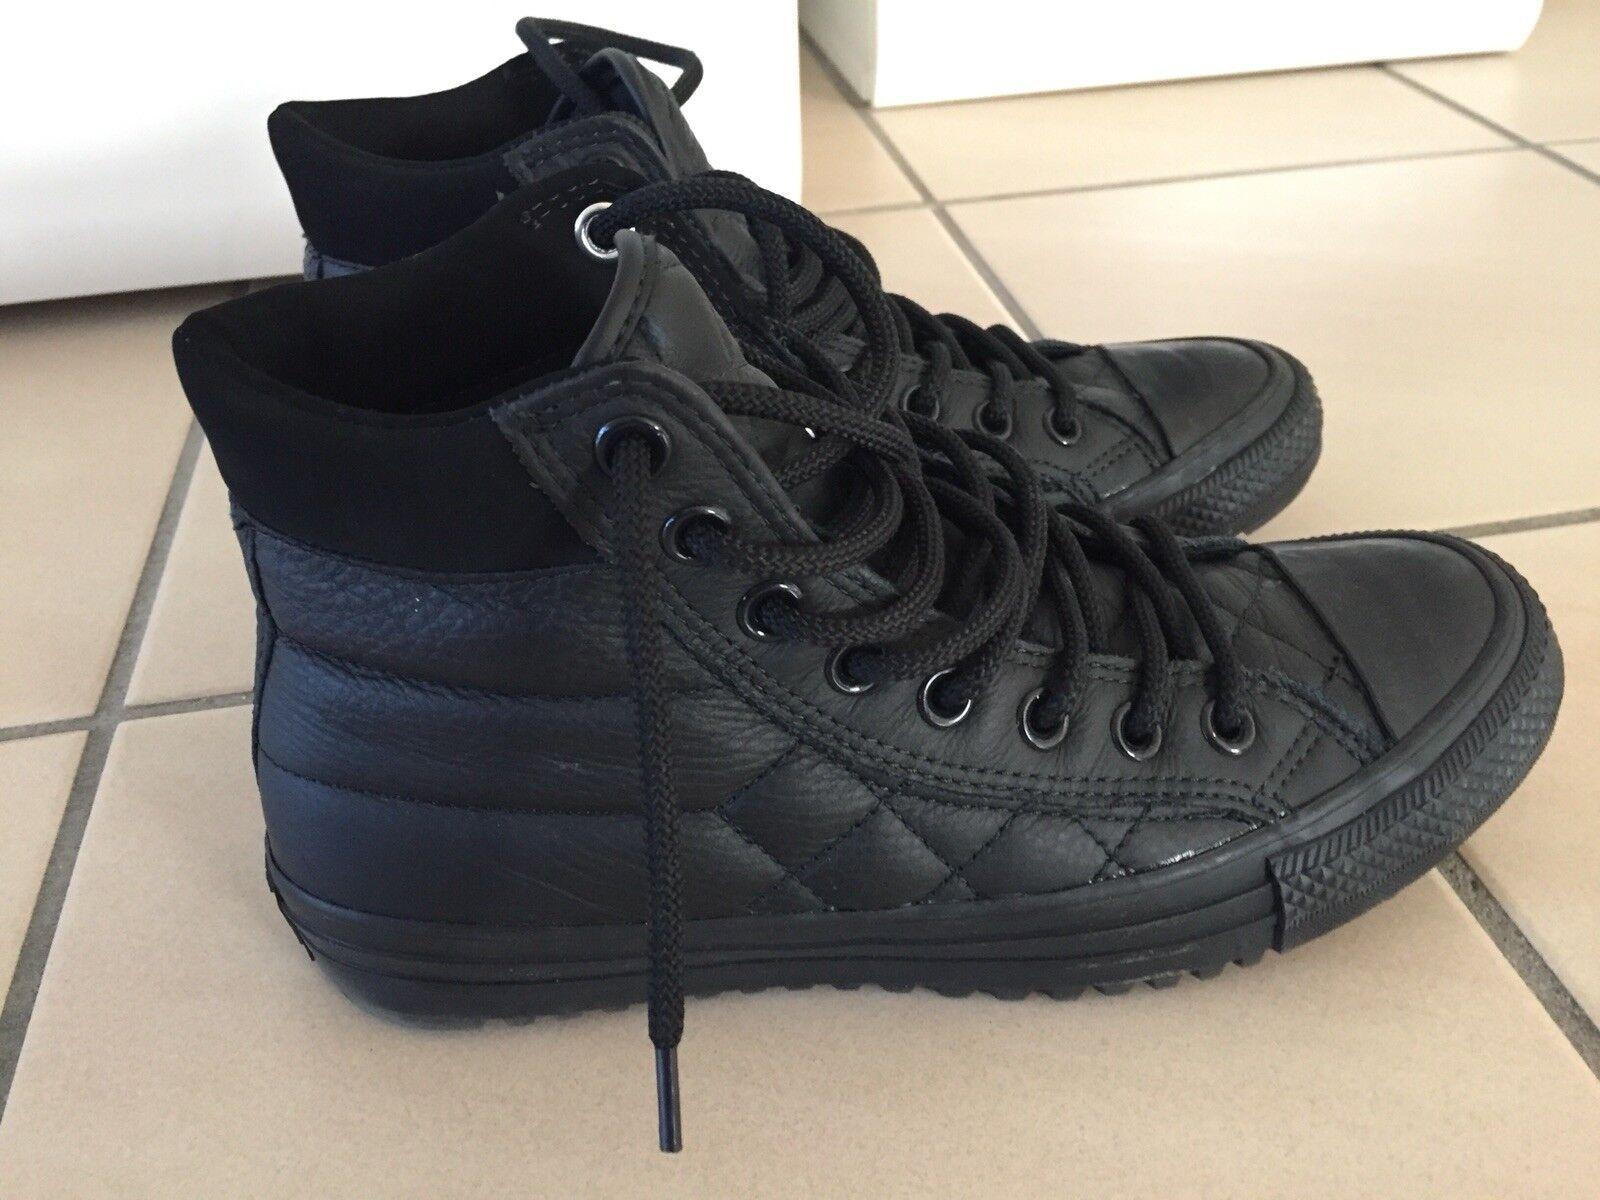 Billig gute Qualität Schwarz Converse Chucks 39.5 Leder Schwarz Qualität 624e75